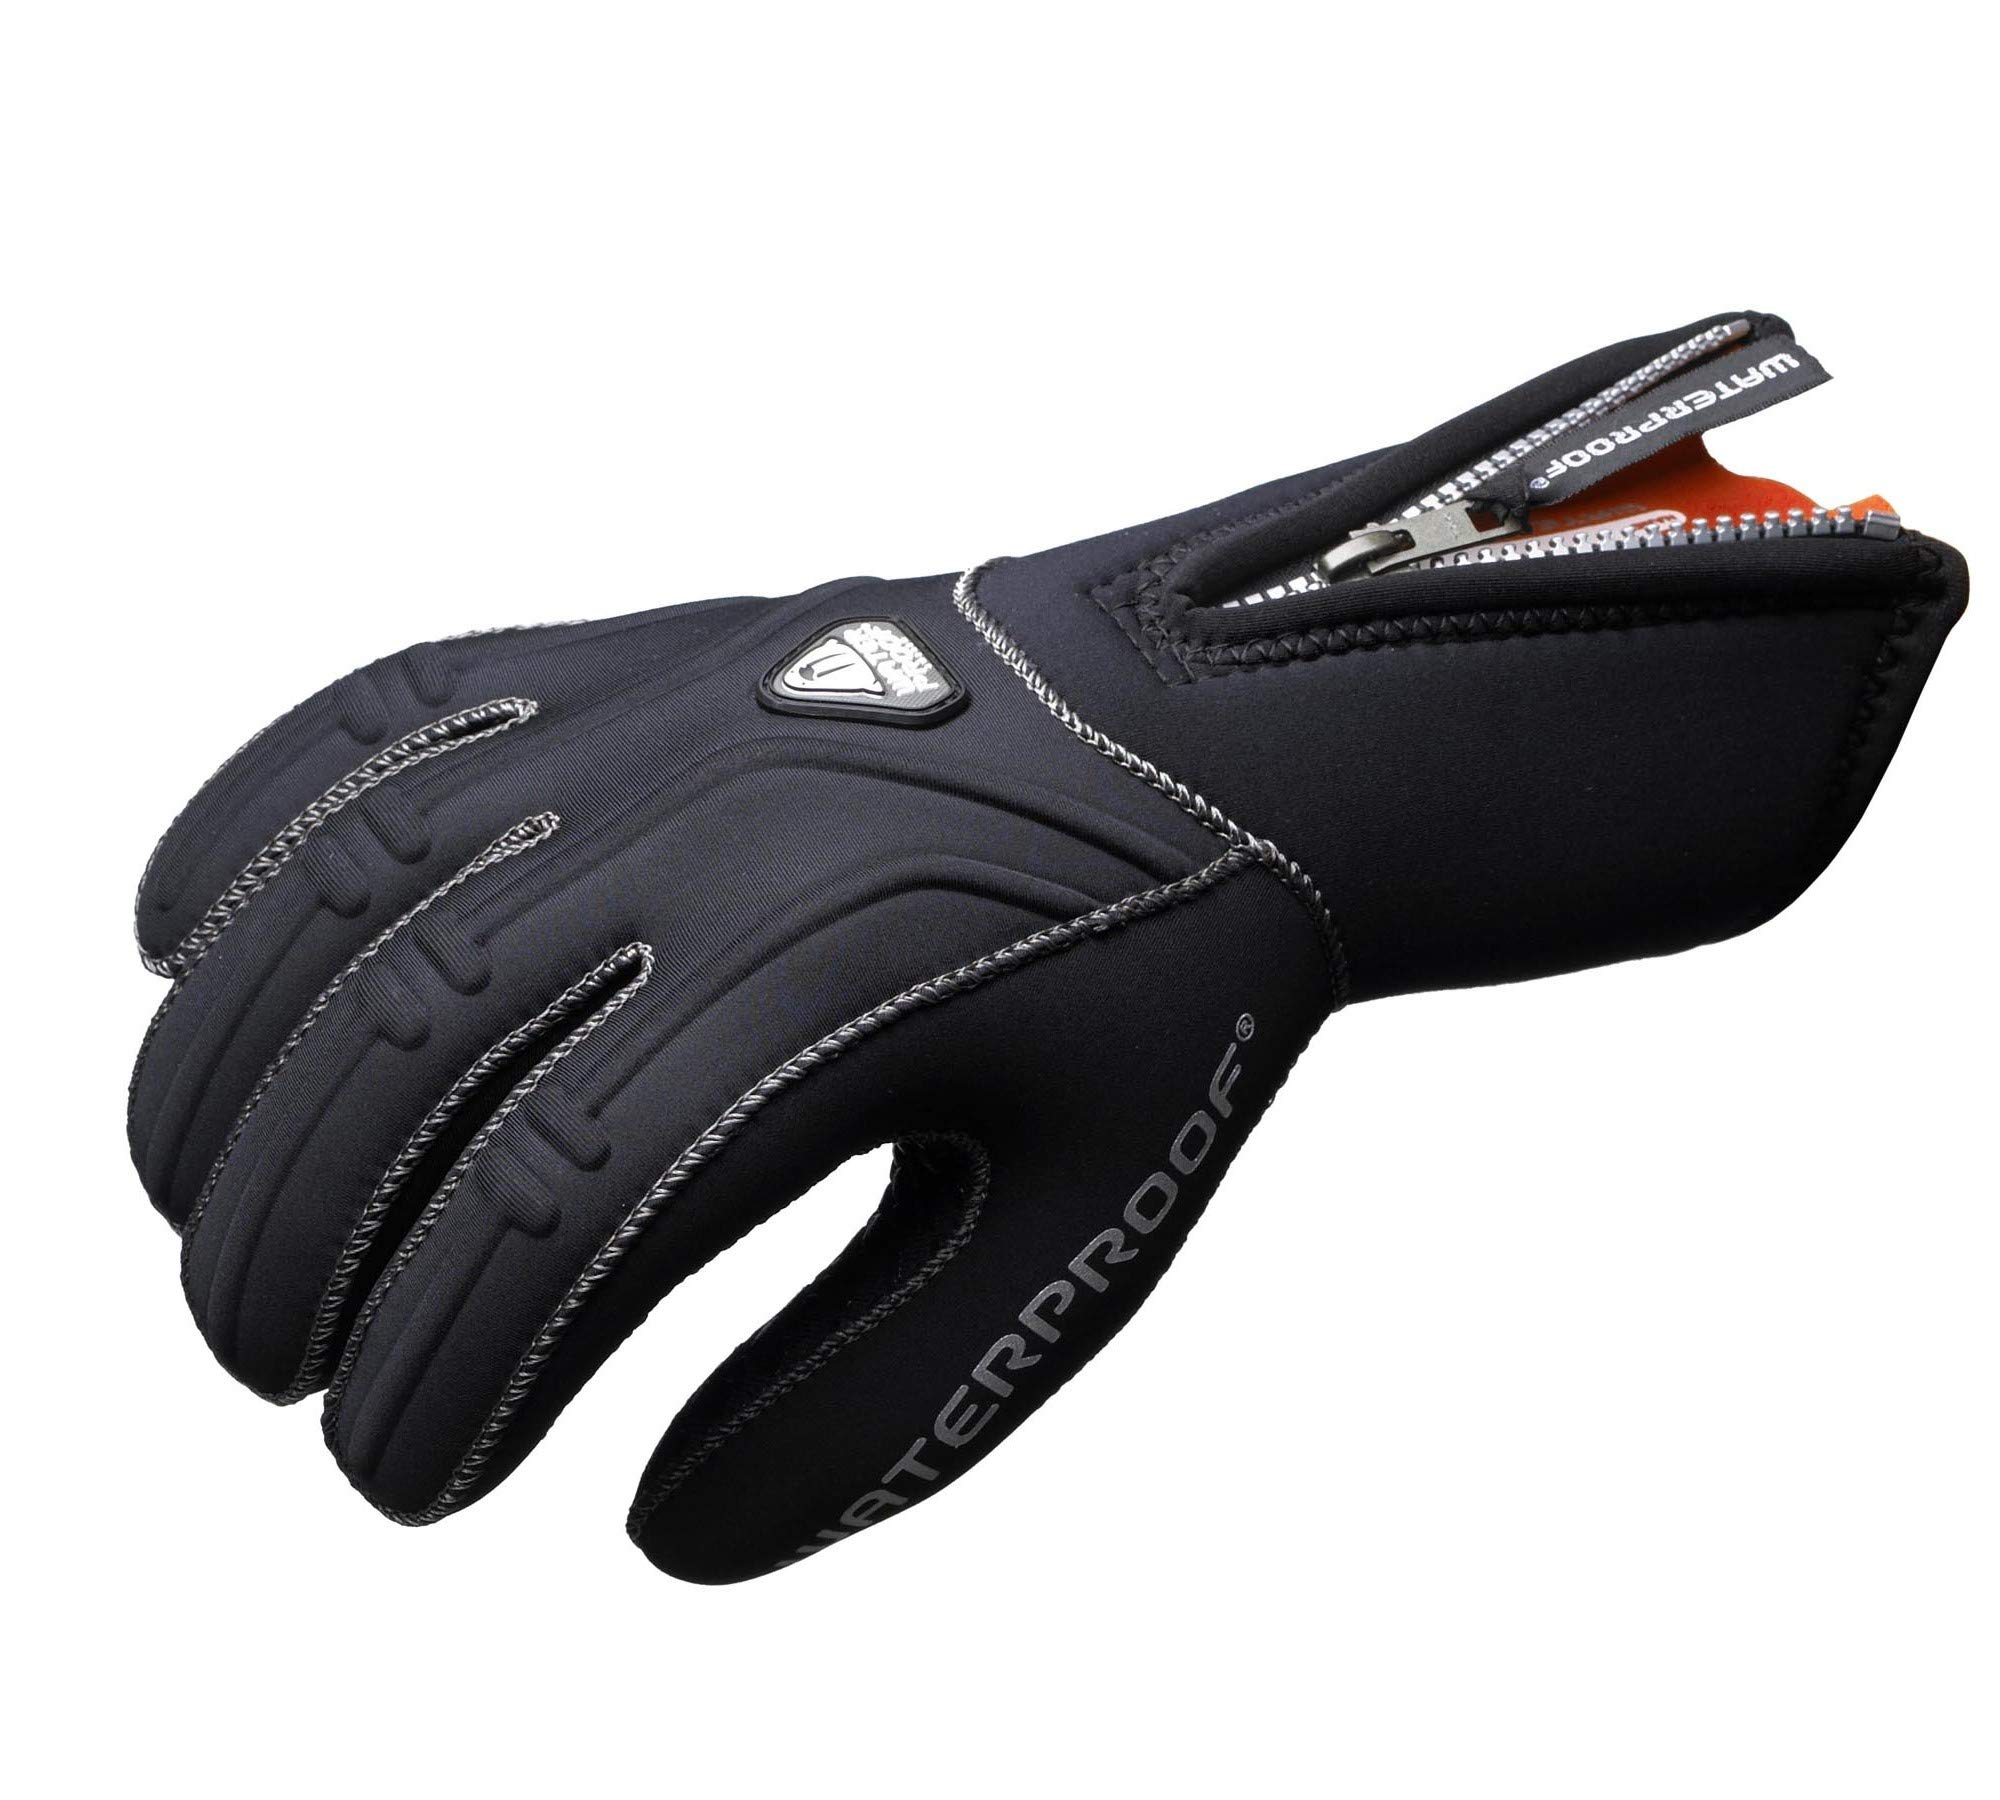 Waterproof G1 3mm 5-Finger Gloves, X-Small by Waterproof